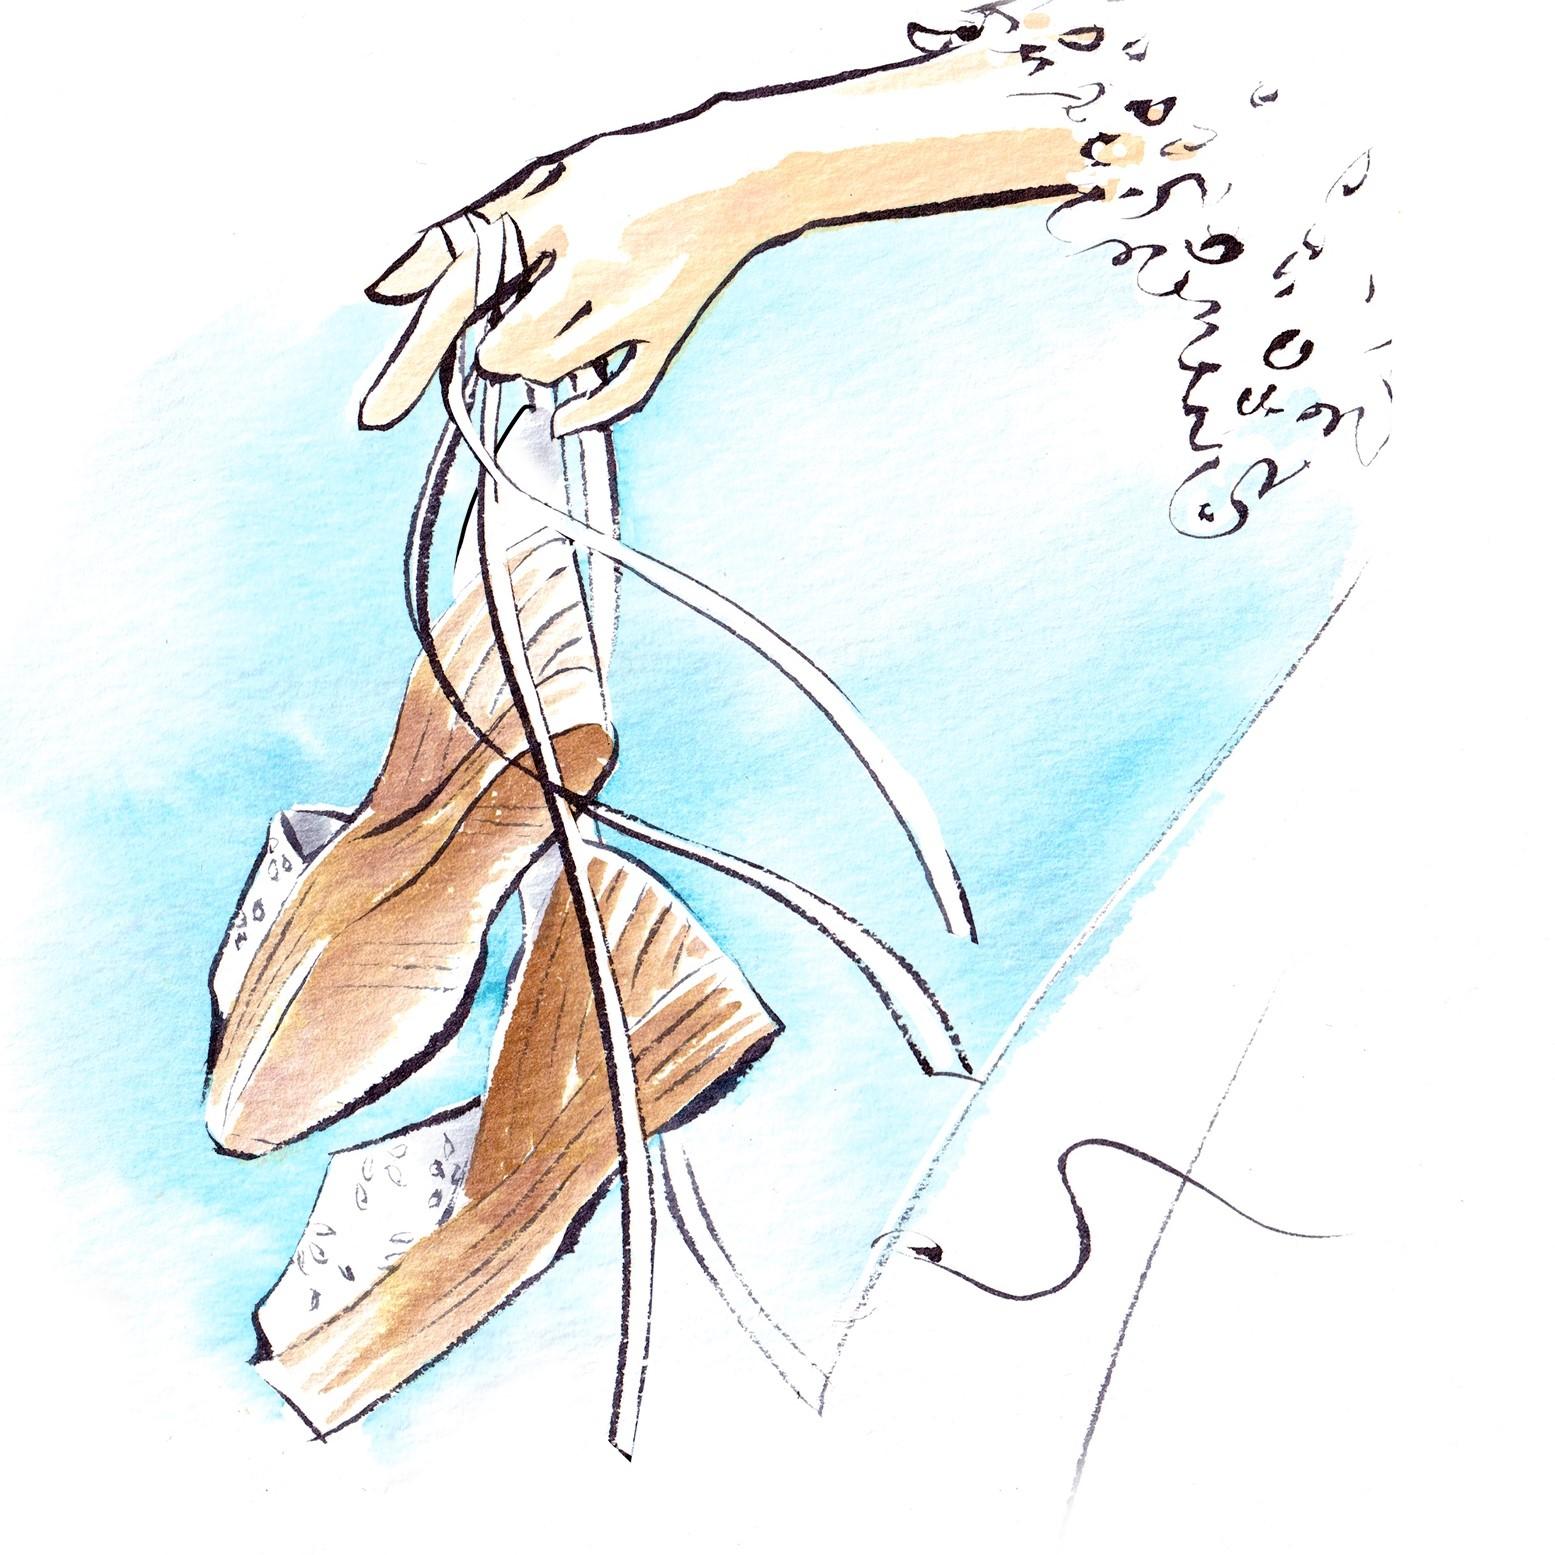 ウエッジソールサンダルを持った花嫁のイラストです